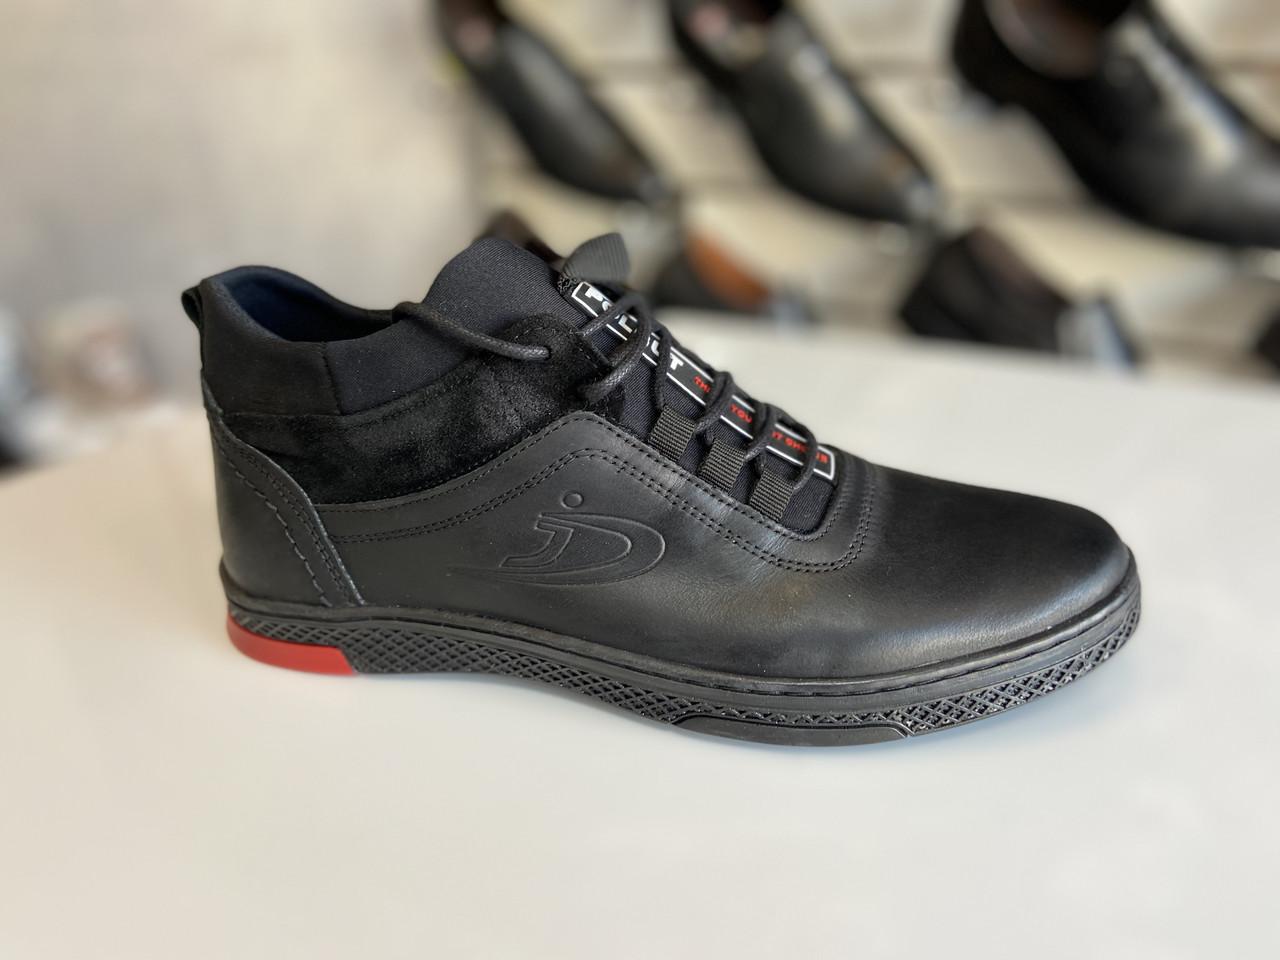 Мужские демисезонные кроссовки Polbut 🇵🇱🔥 размеры 38,39,40,41,42,43,44-45